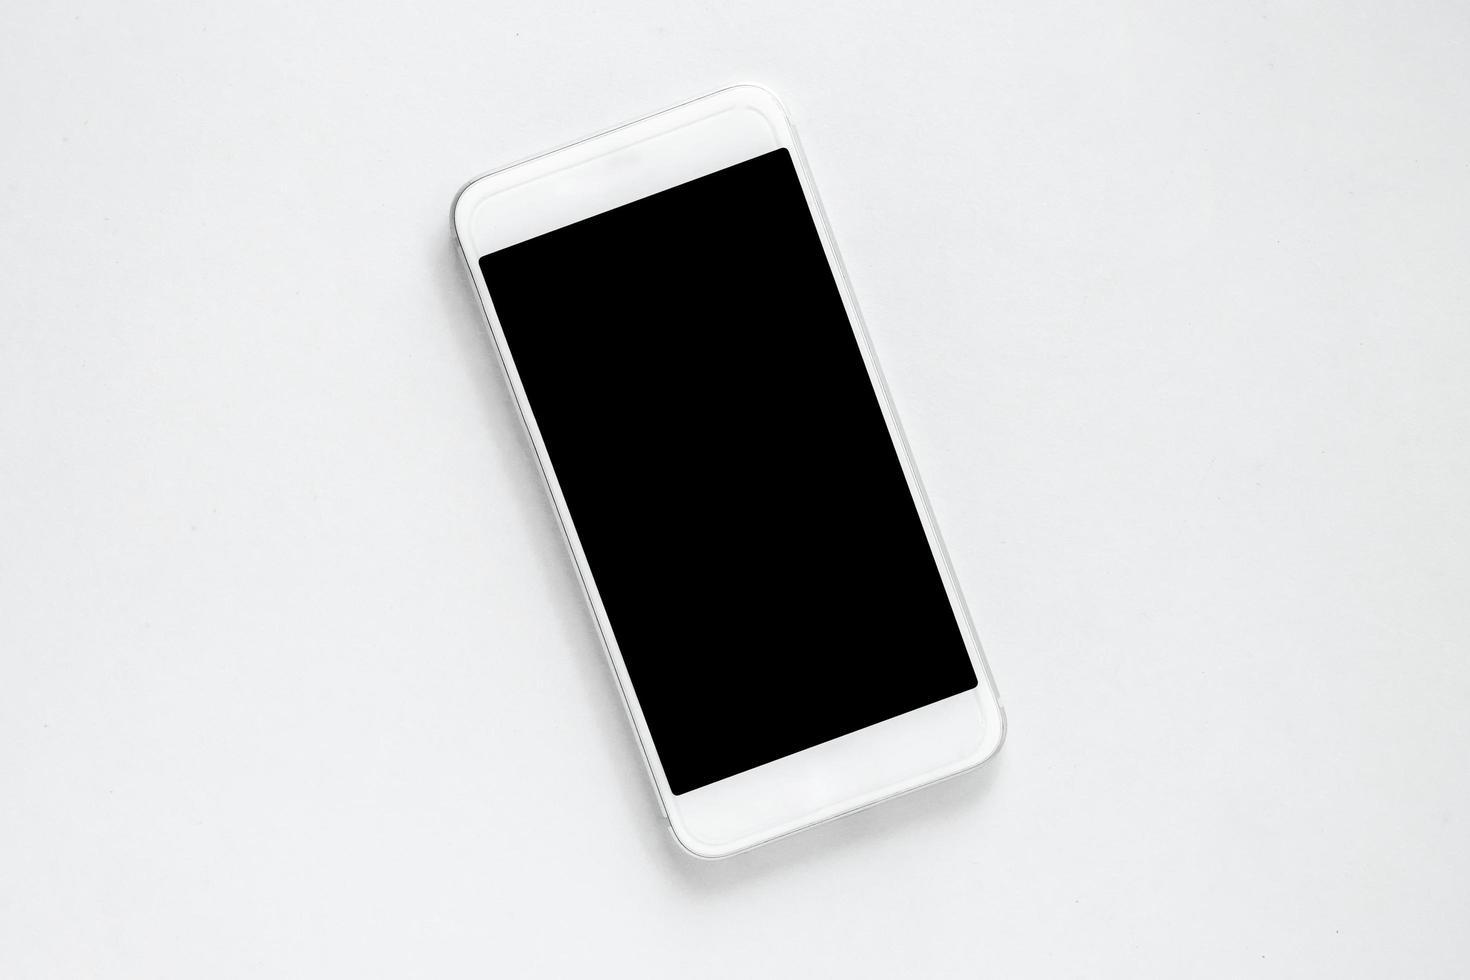 närbild av en smartphone foto